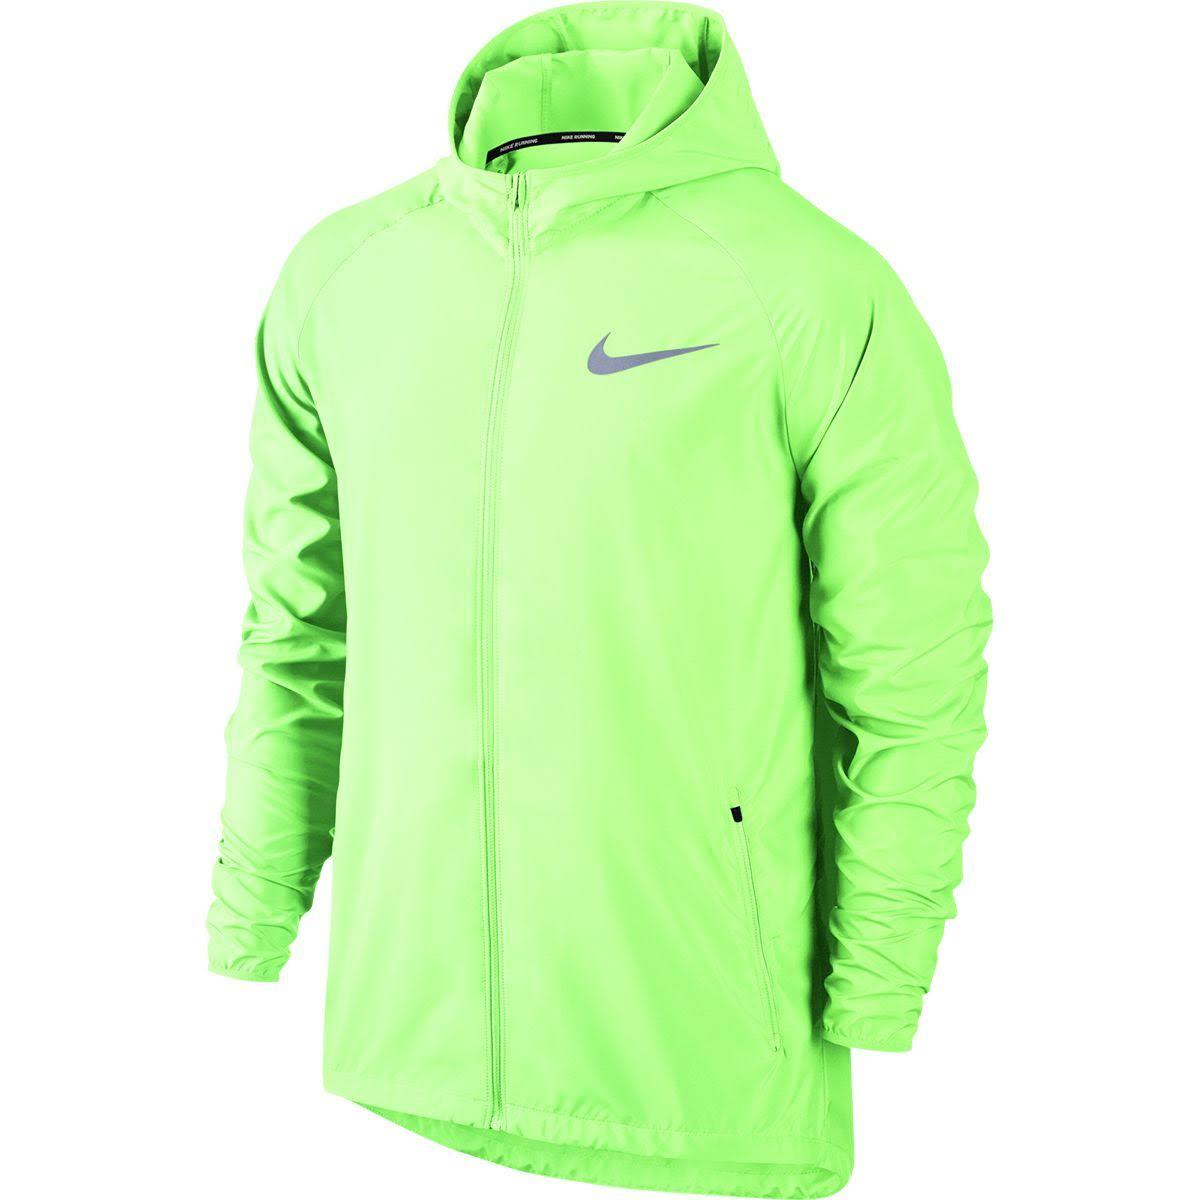 Essential Mit Kapuze Männer M Nike Volt Wasserdichte Bare Gelb Laufjacke Zx74q5